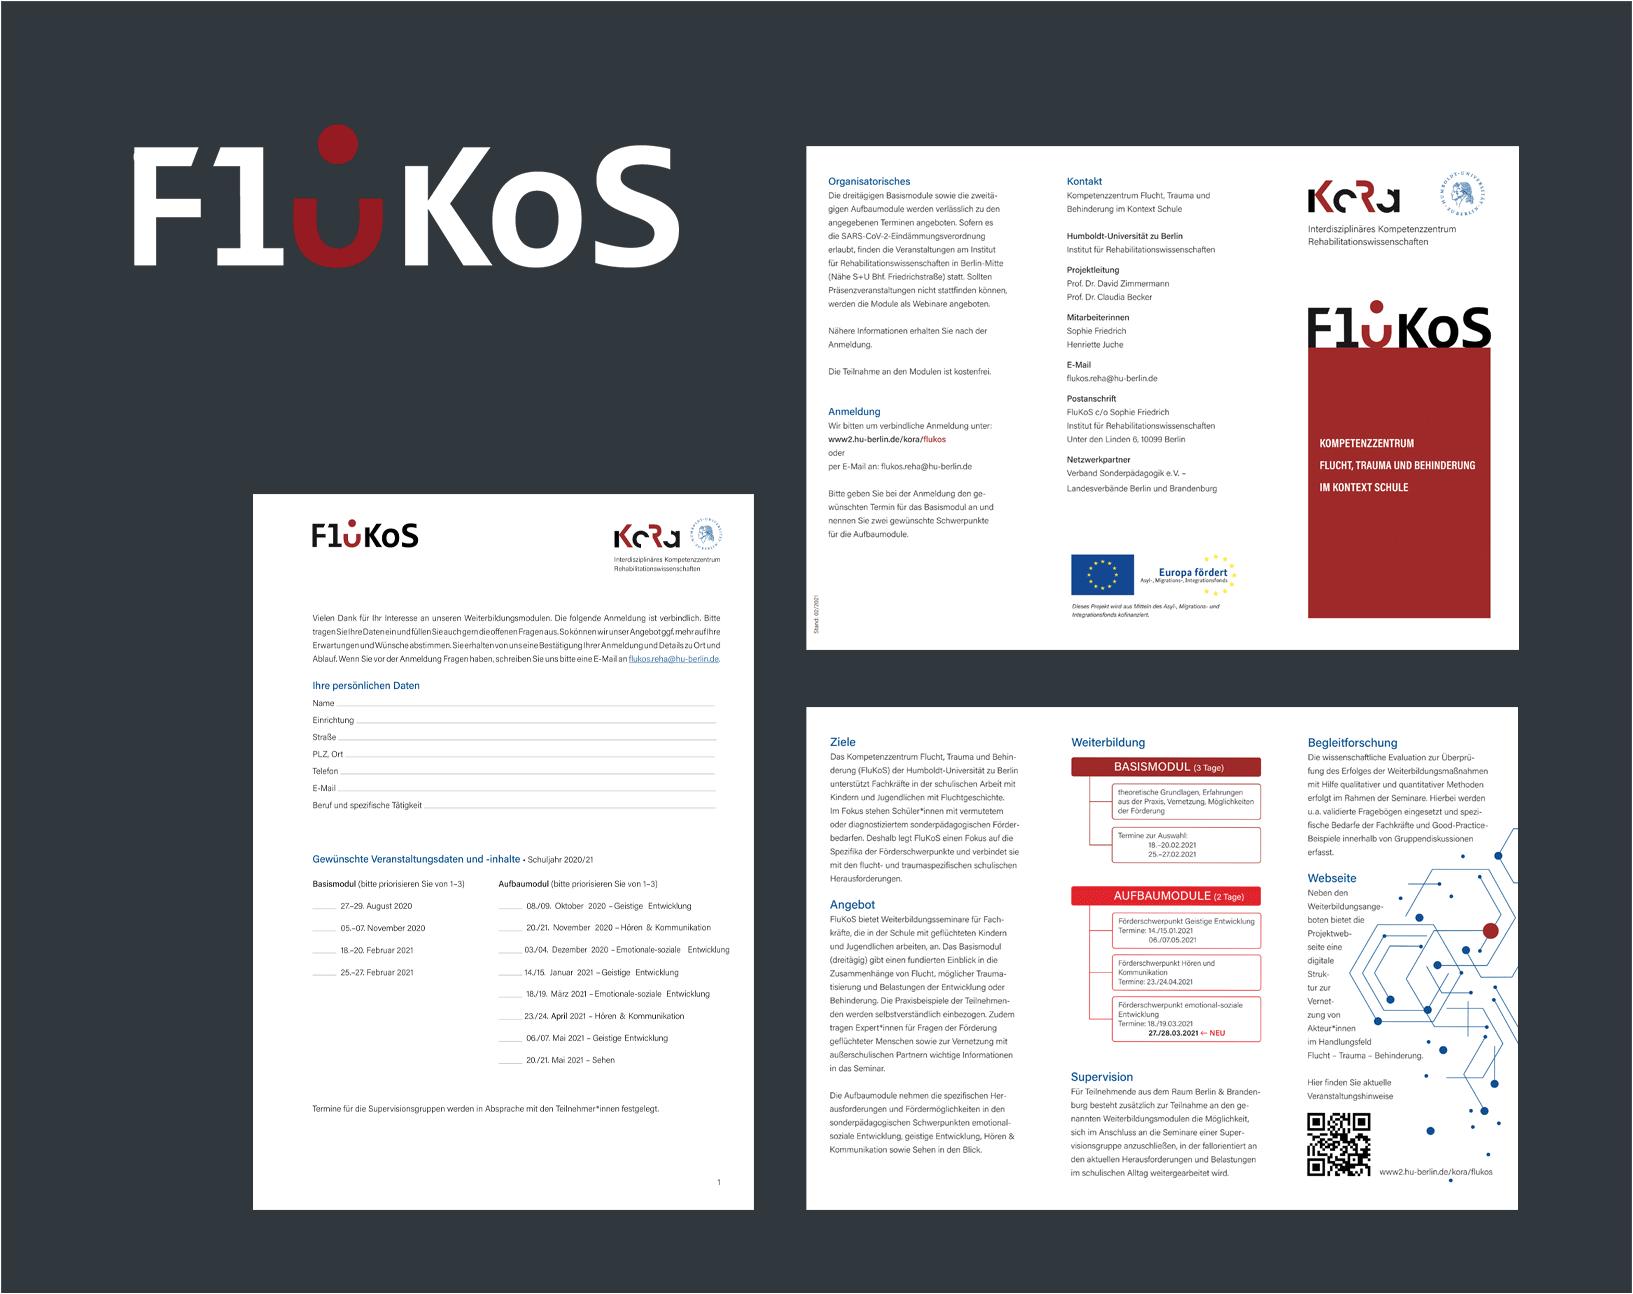 gezeigt werden das FluKoS-Logo und Beispiele der Umsetzung wie Website, Flyer, Anmeldung